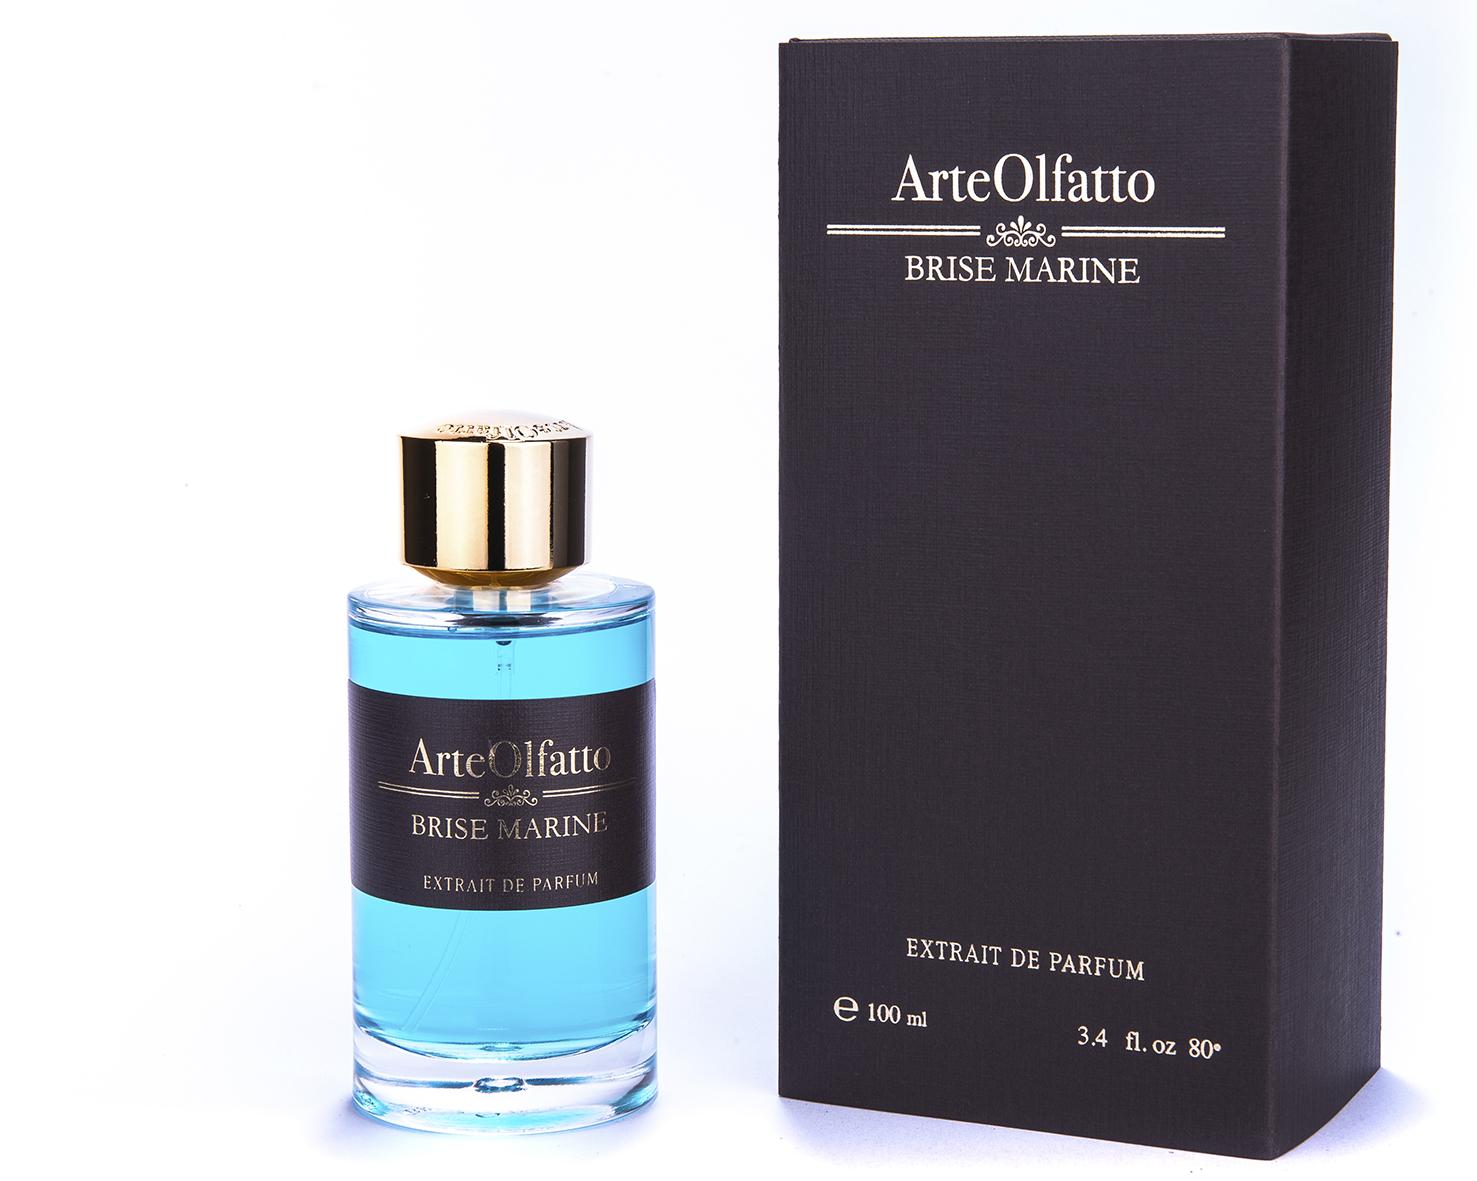 ArteOlfatto – Brise Marine - Extrait de Parfum 100 ml